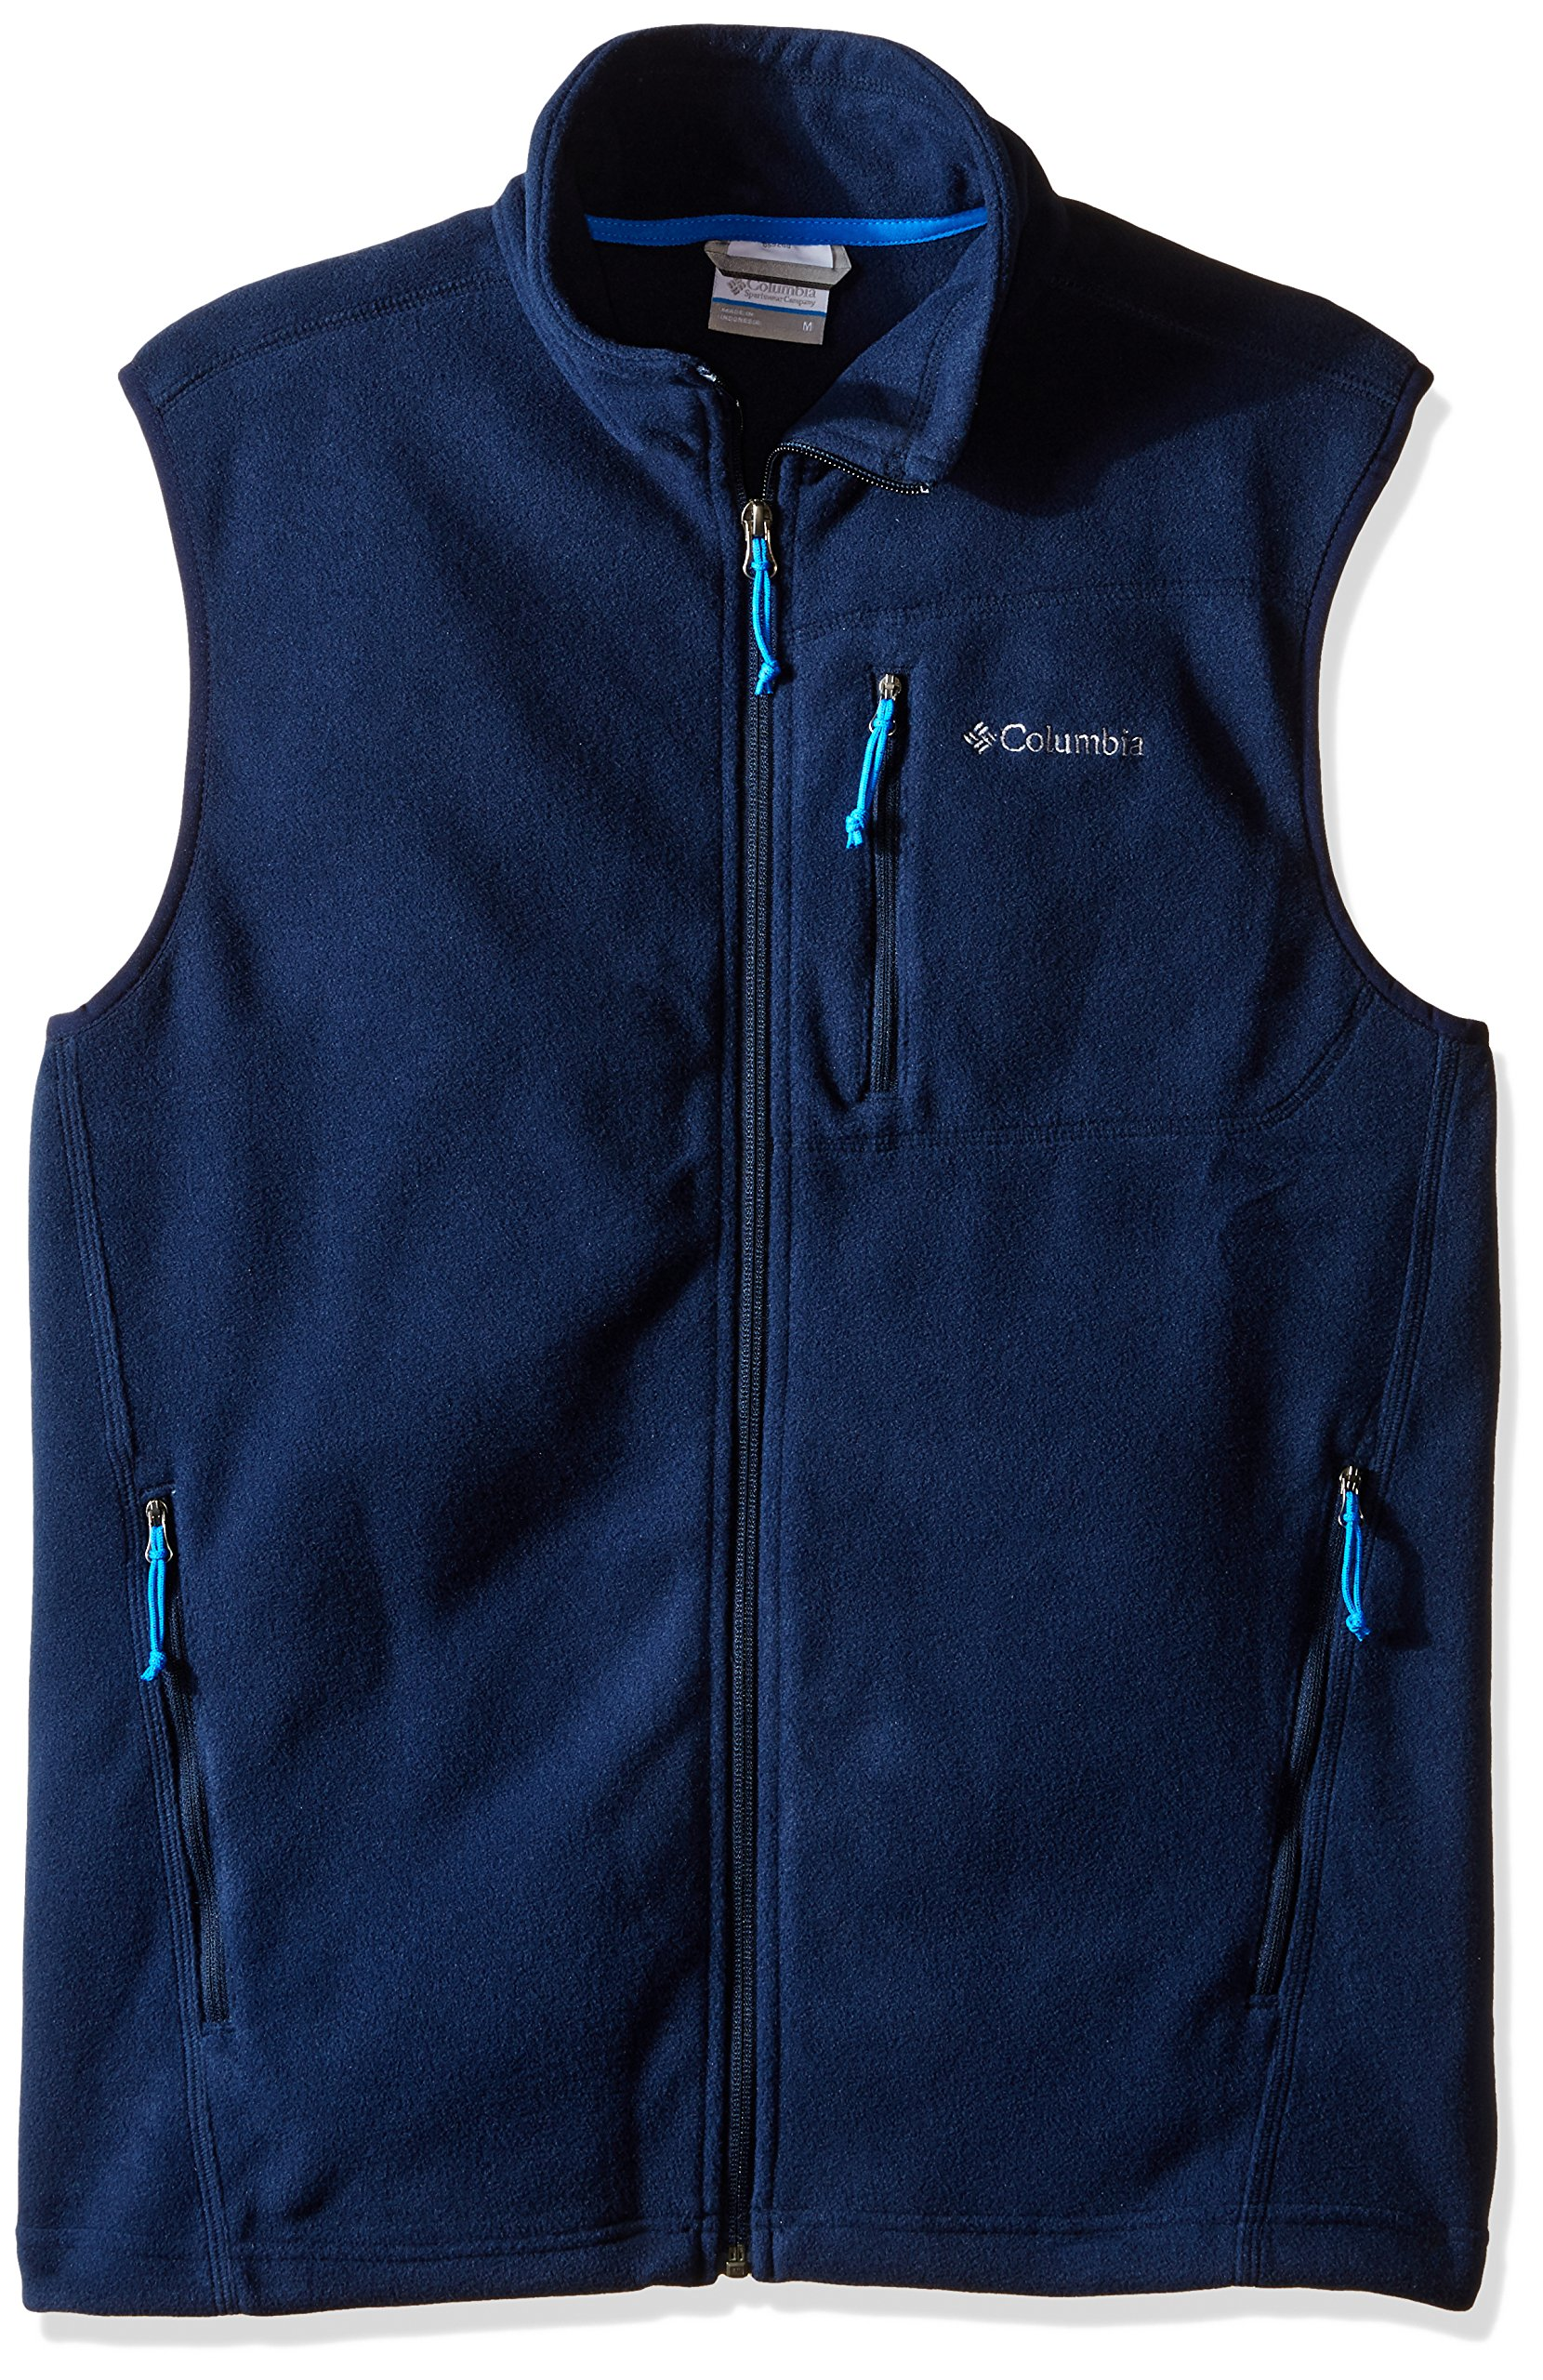 Columbia Men's Cascades Explorer Fleece Vest, Collegiate Navy, Large by Columbia